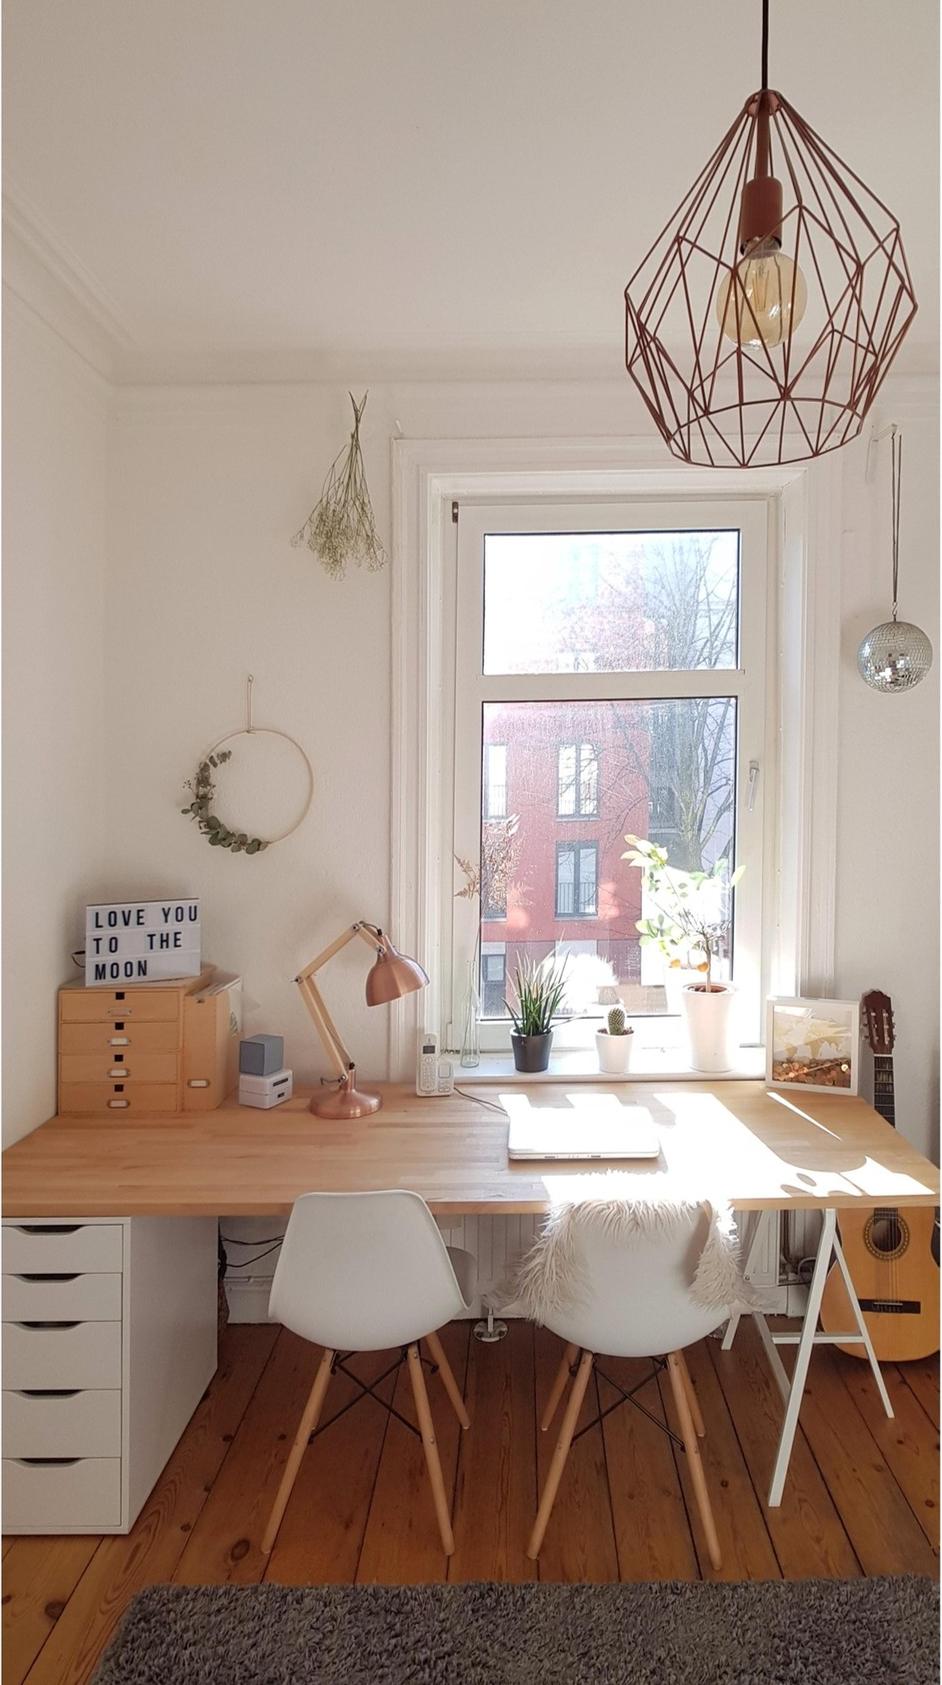 Work, work, work, work, work - An diesem DIY-Schreibtisch von Hamburgdaniahoi arbeitet es sich wie von selbst.  Entdecke noch mehr Wohnideen auf COUCH #wohnen #einrichtungsideen #einrichten #interior #COUCHstyle #diy #diyschreibtisch #diywohnen